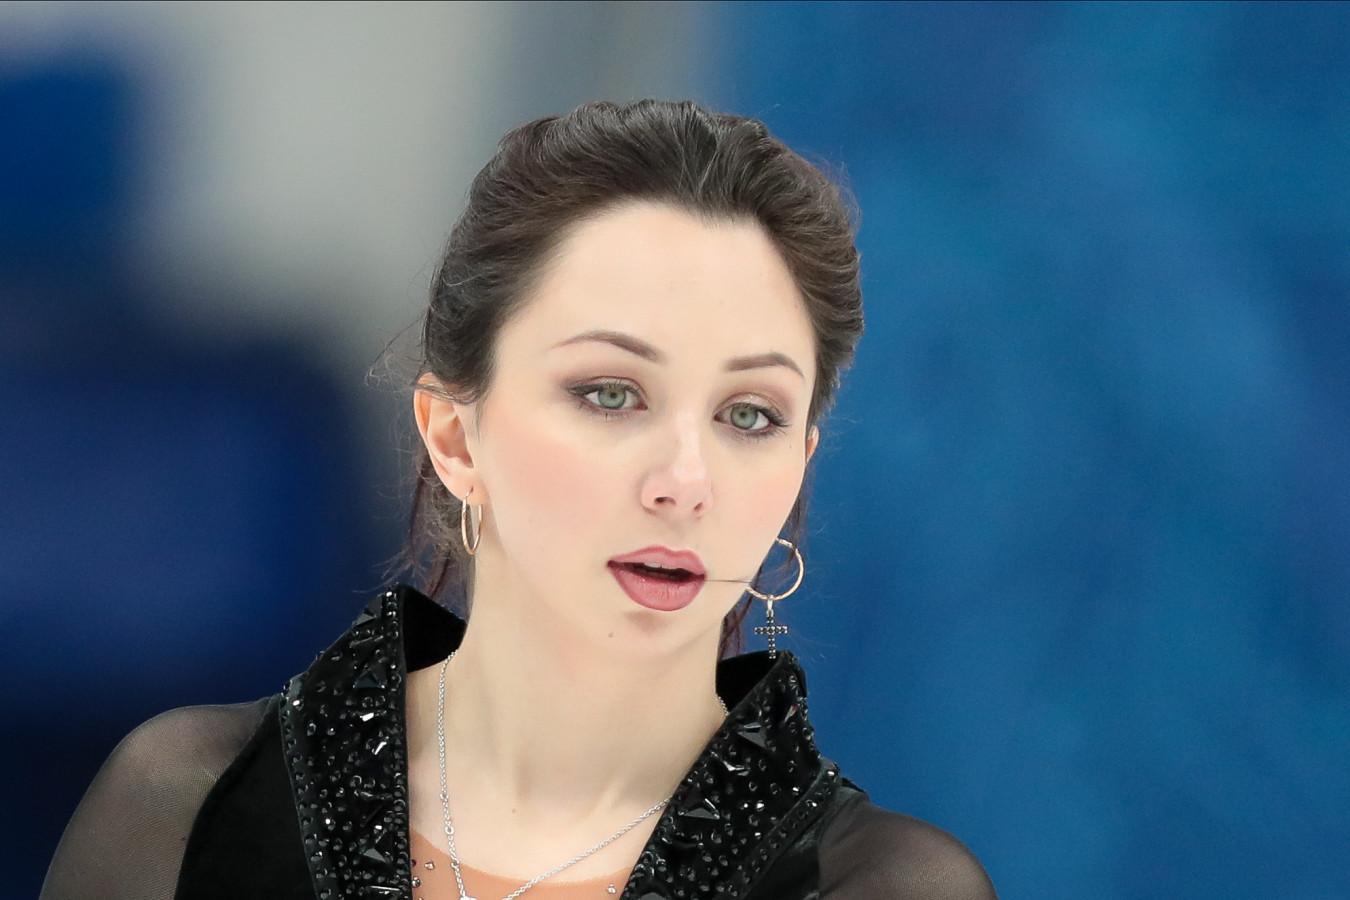 Елизавета Туктамышева не стала катать произвольную программу на тренировке ЧМ